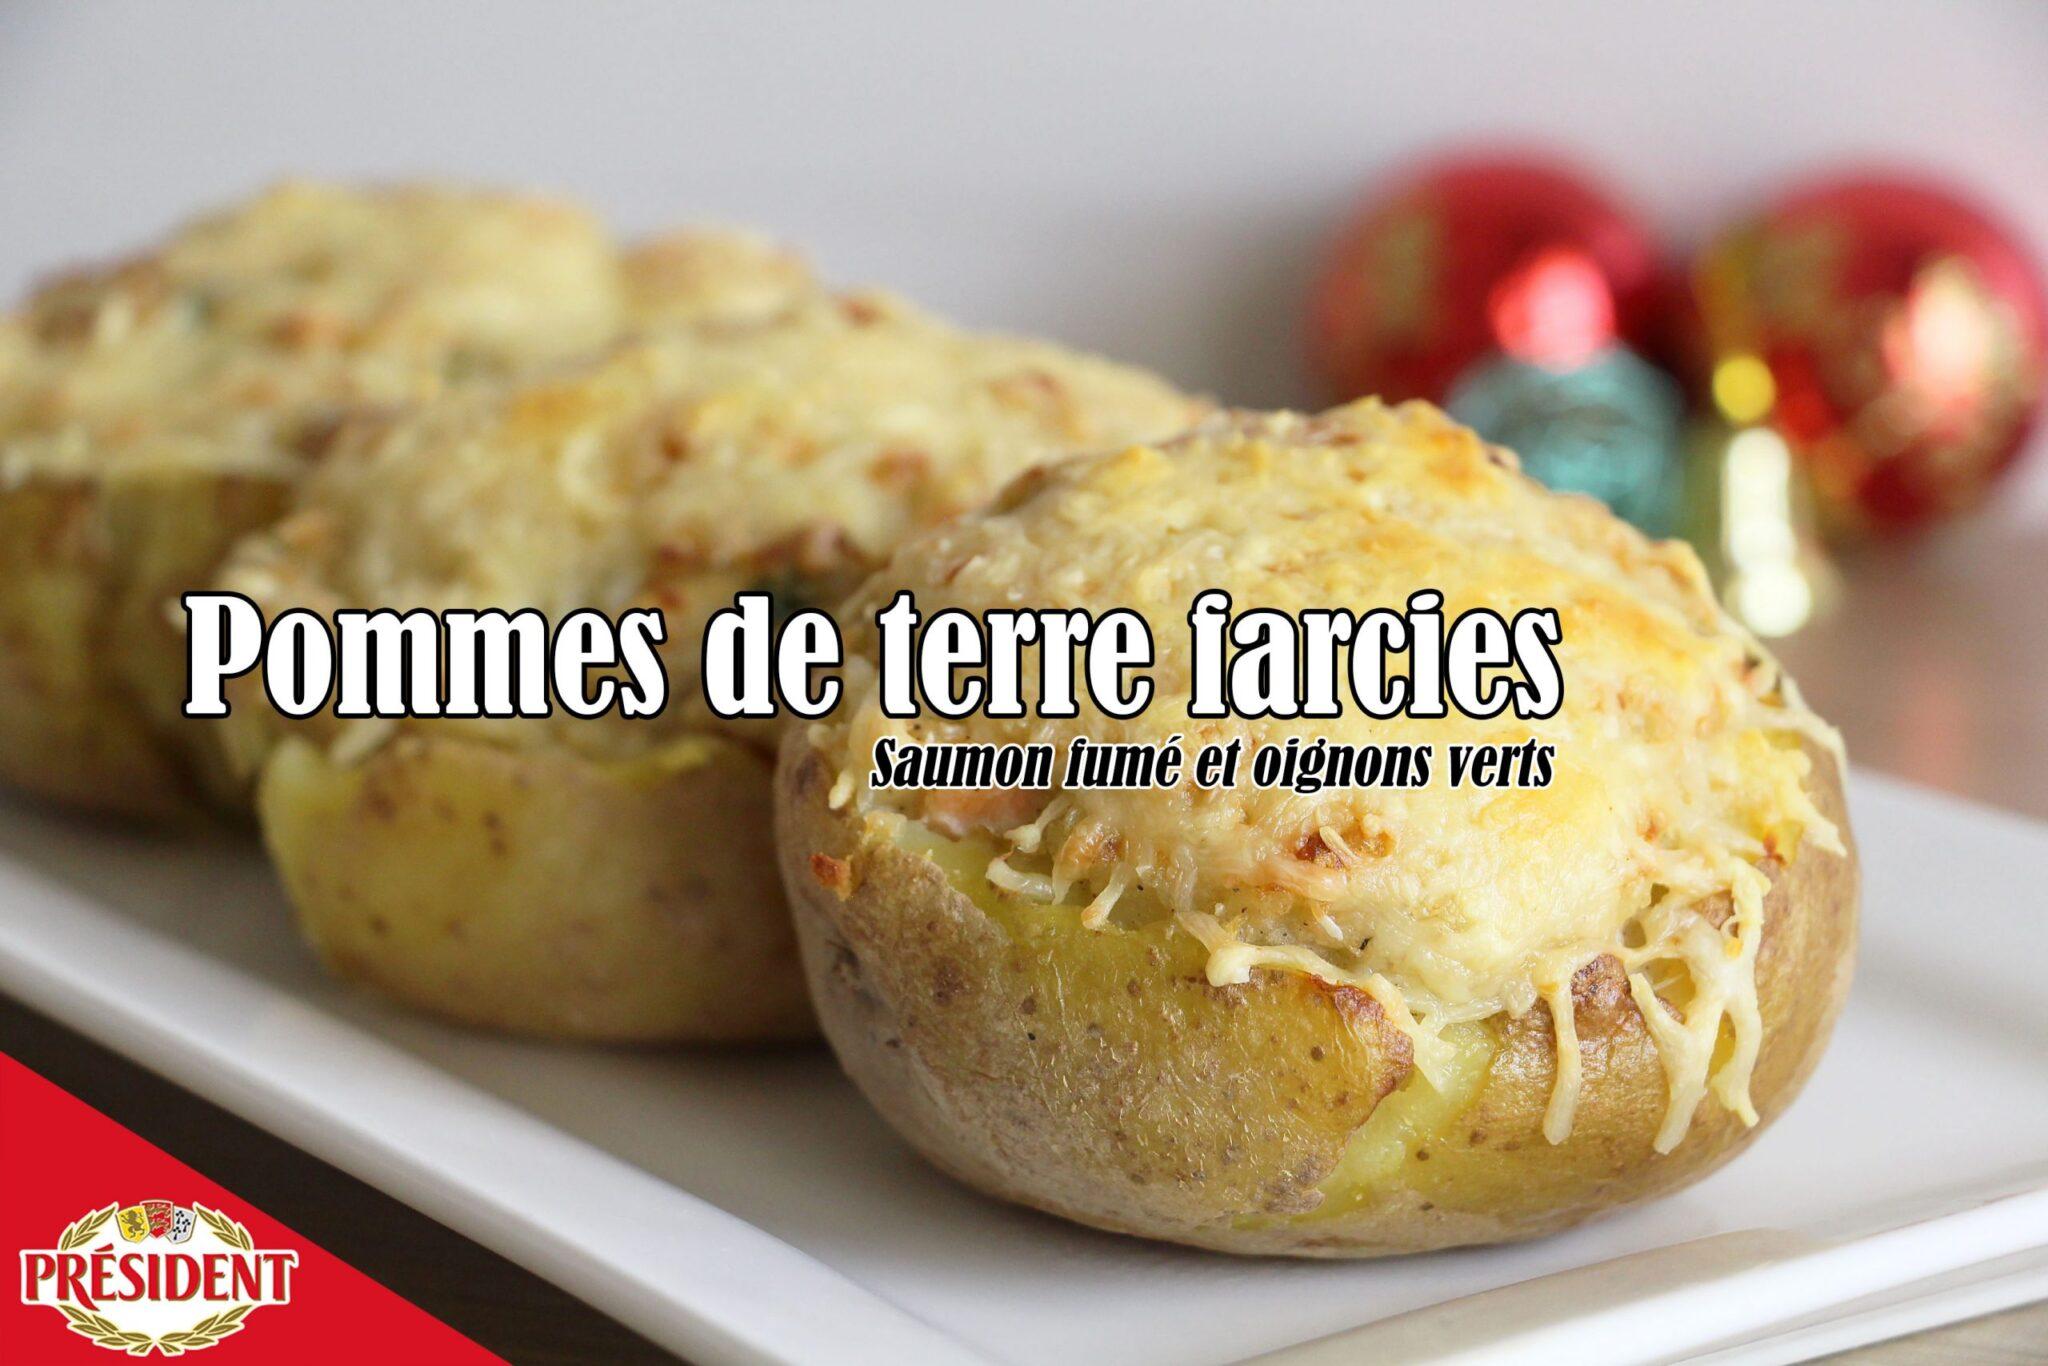 #LGDK : Pommes de terre farcies, saumon fumé et oignons verts